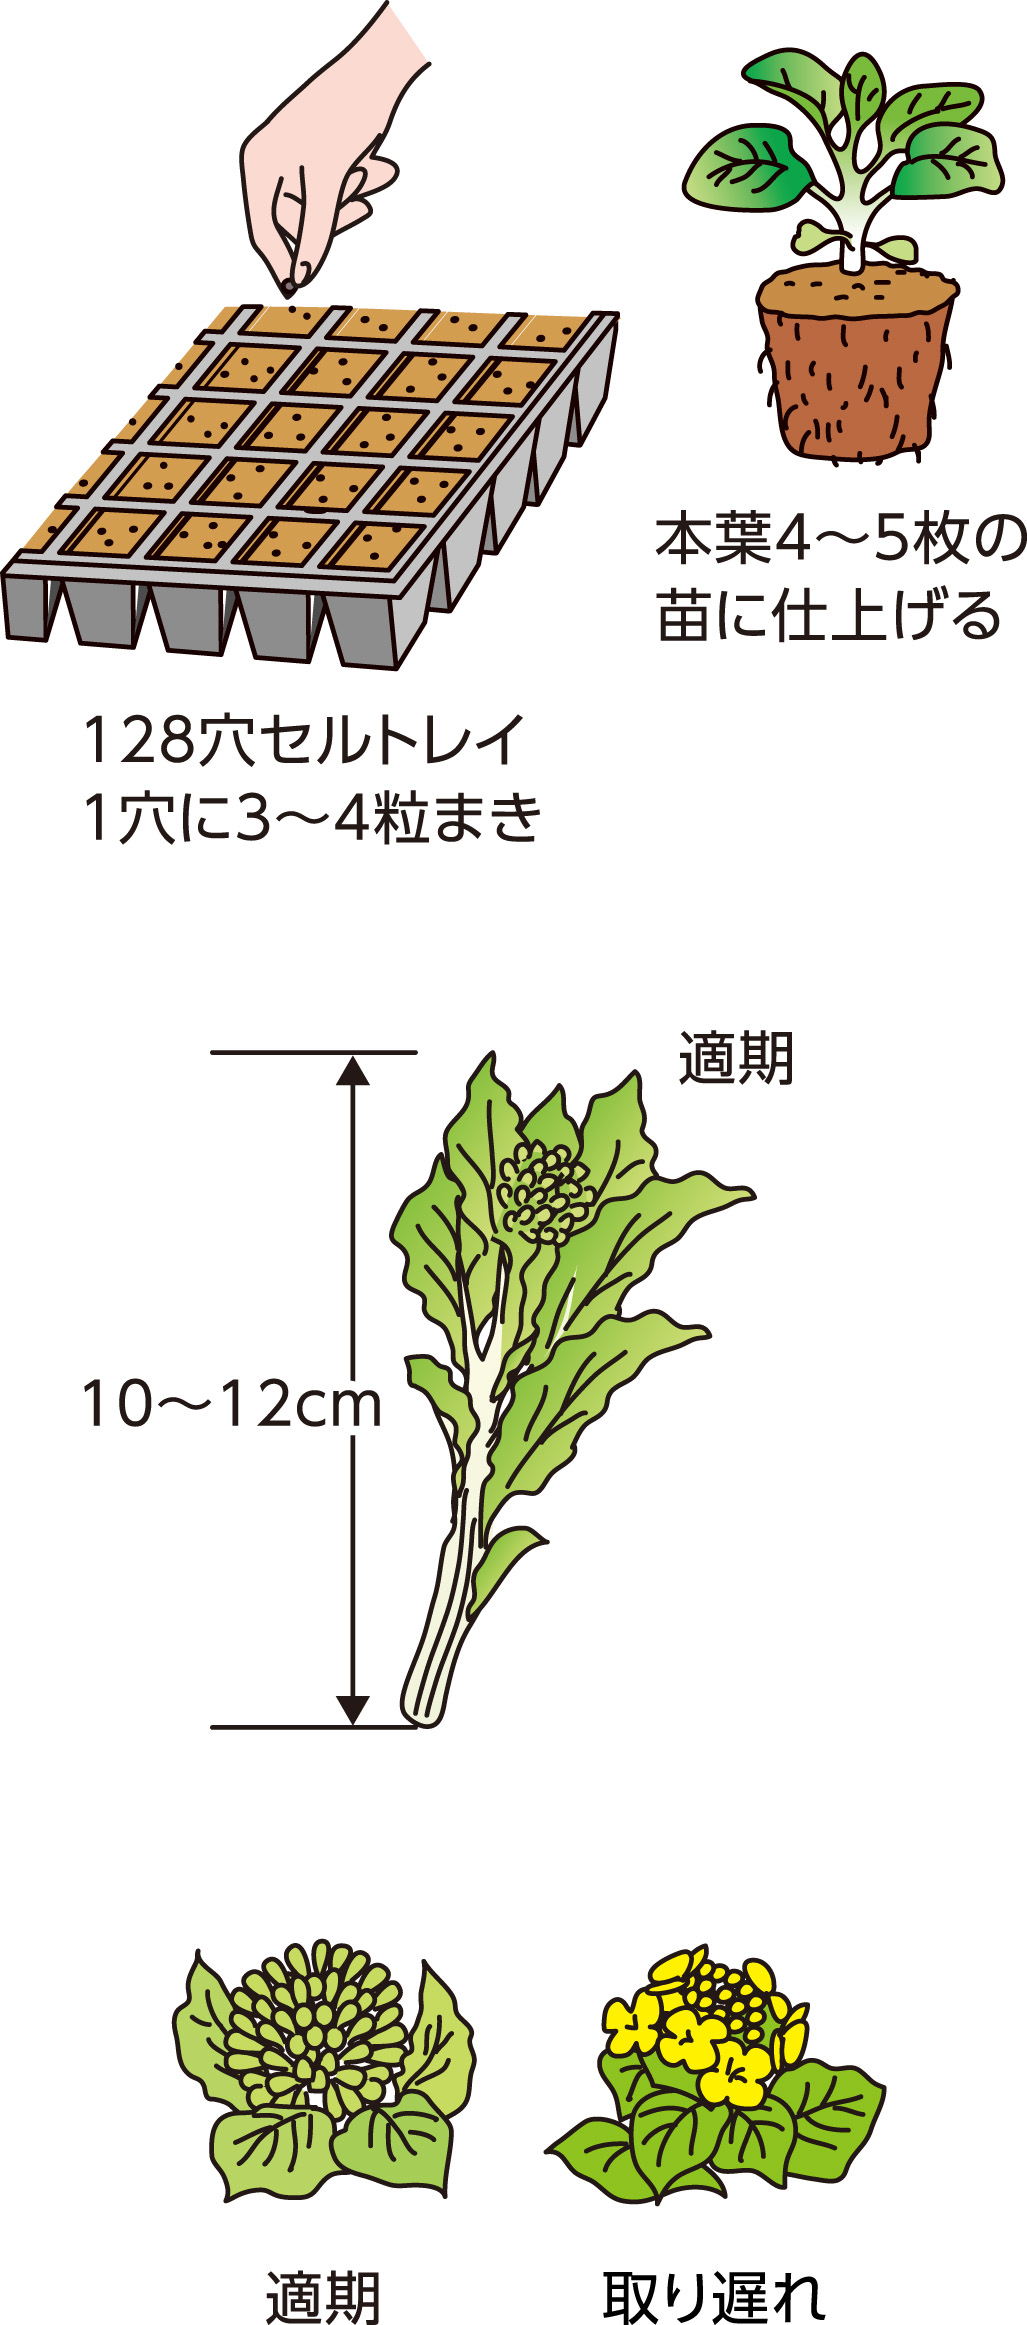 p25_08saien_4c